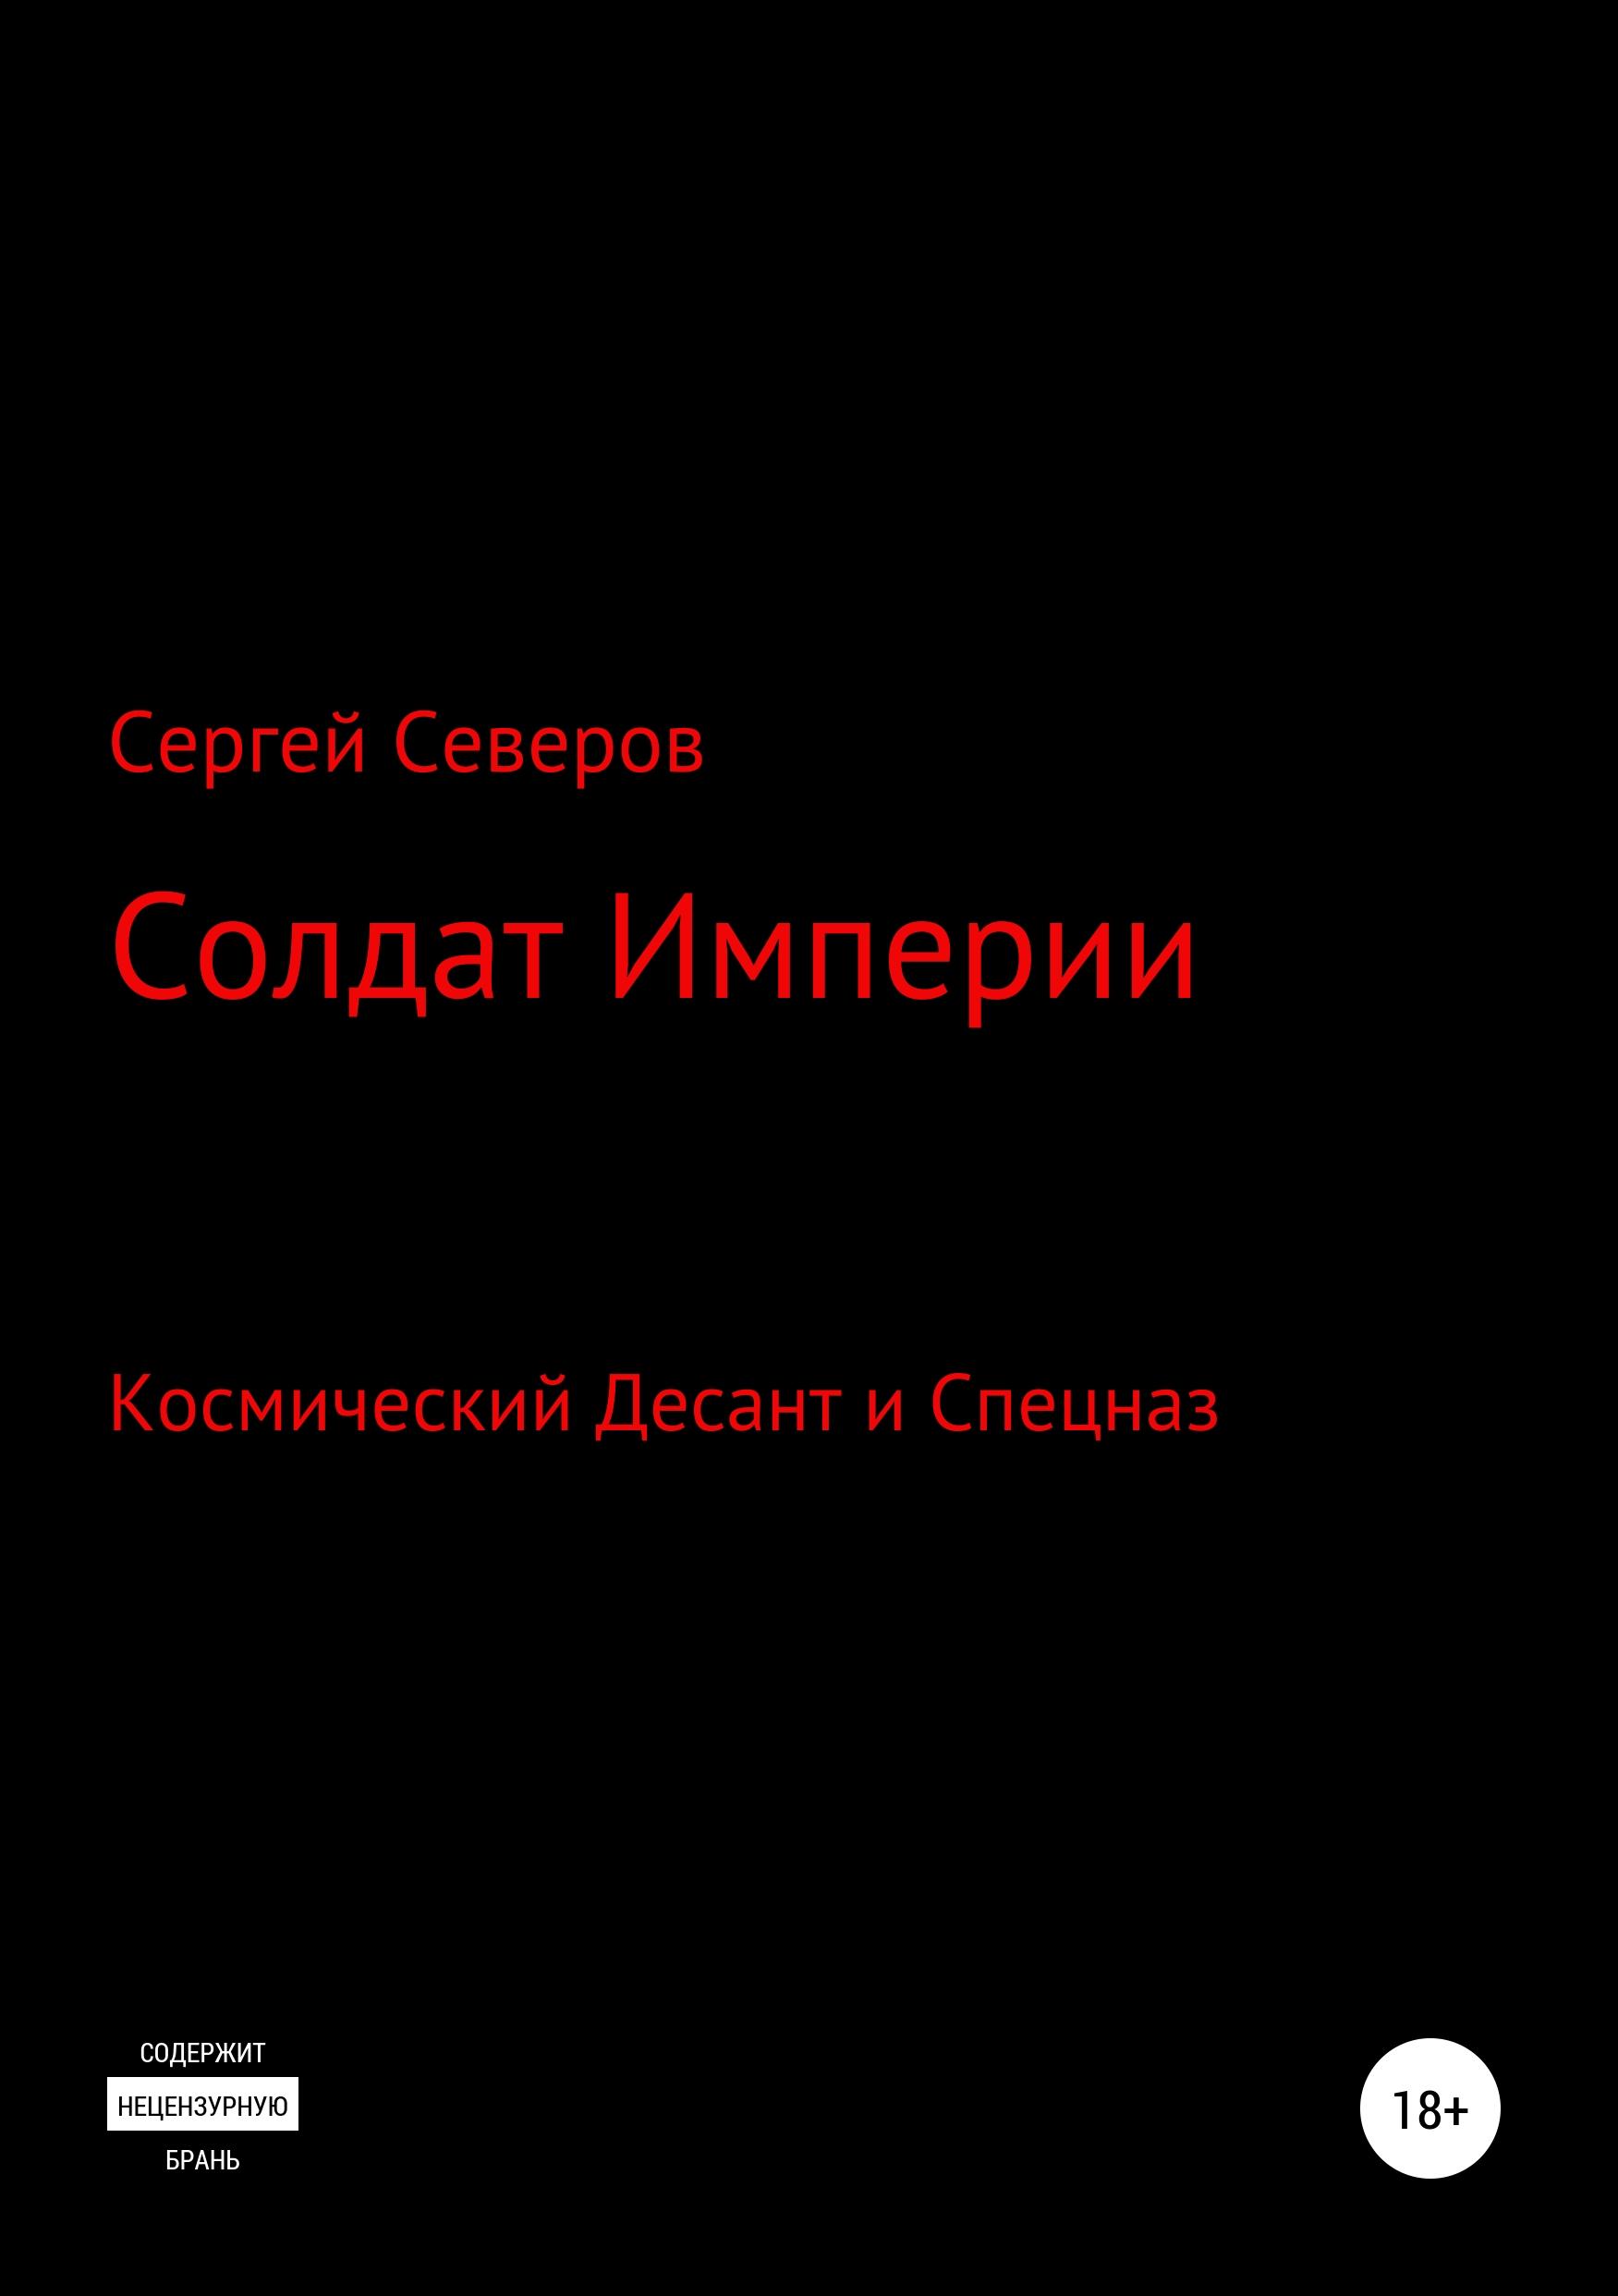 Сергей Северов Солдат Империи сергей валерьевич кирпо на меньшее не согласен